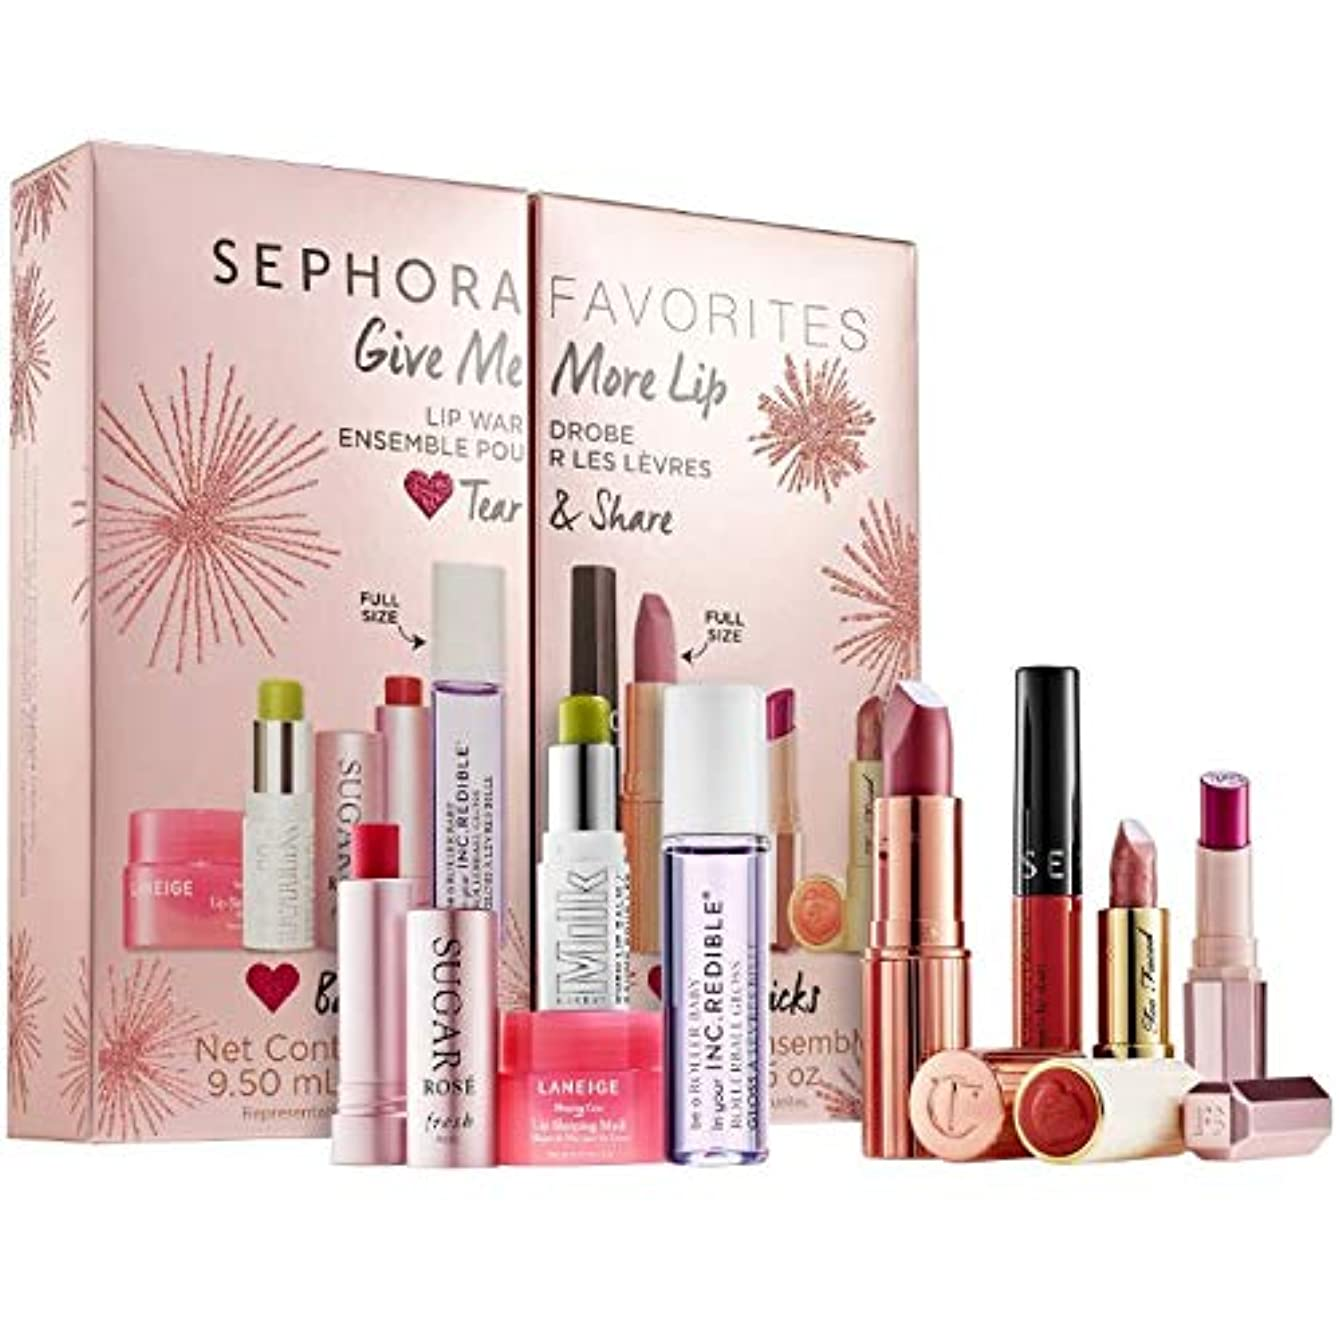 パテ安価な邪魔するセフォラ リップセット Sephora SEPHORA FAVORITES Give Me More Lip メイクアップ リップ グロス リップケア